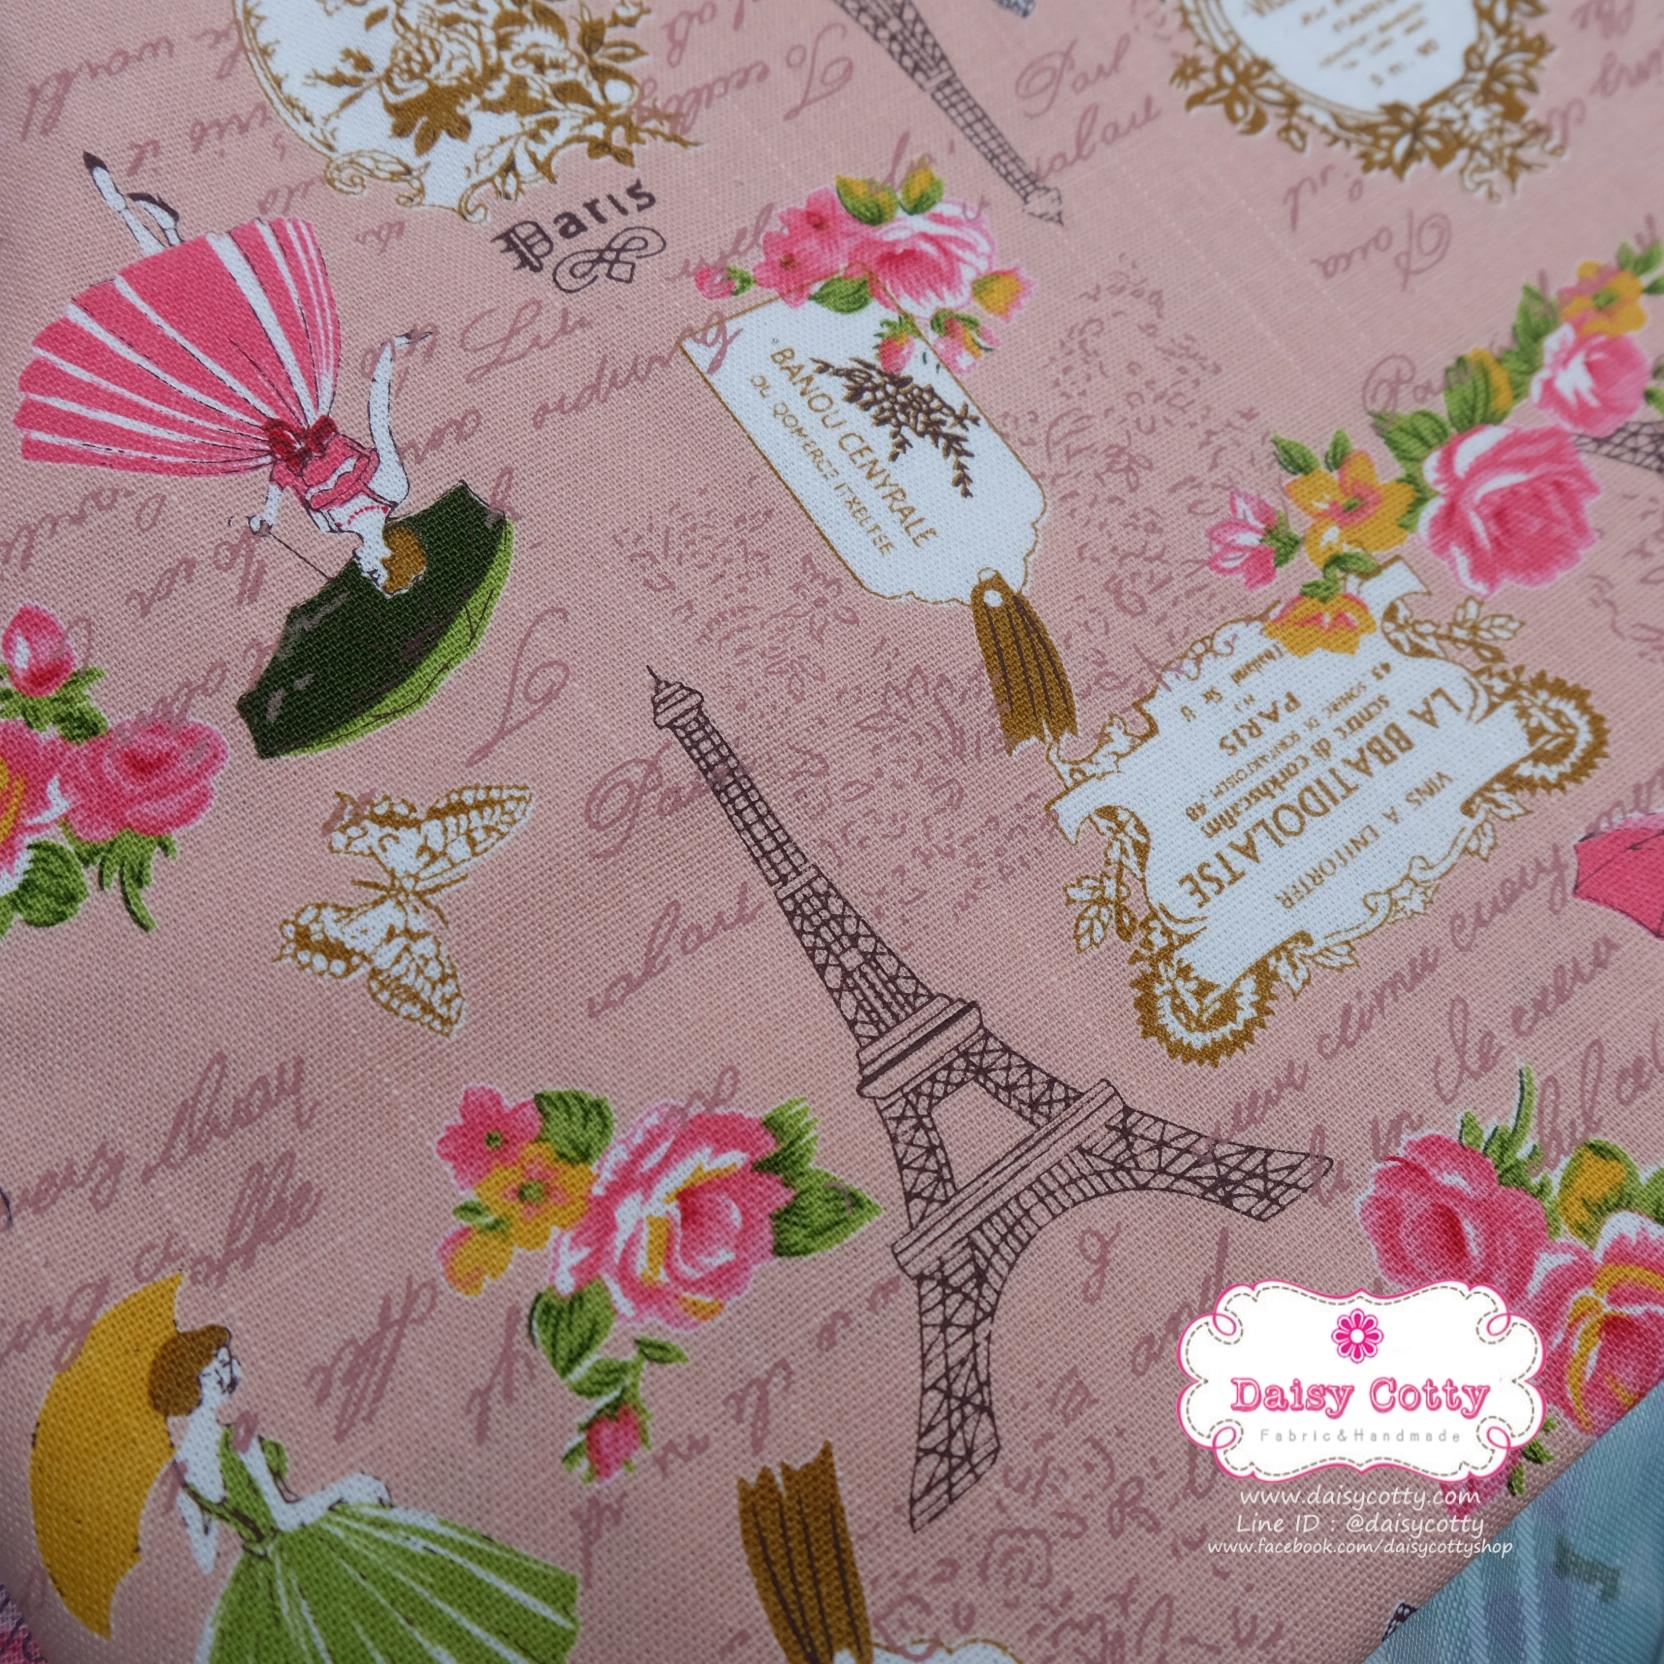 ผ้าคอตตอนลินิน 1/4ม.(50x55ซม.) พื้นสีโอรส ลายวินเทจ